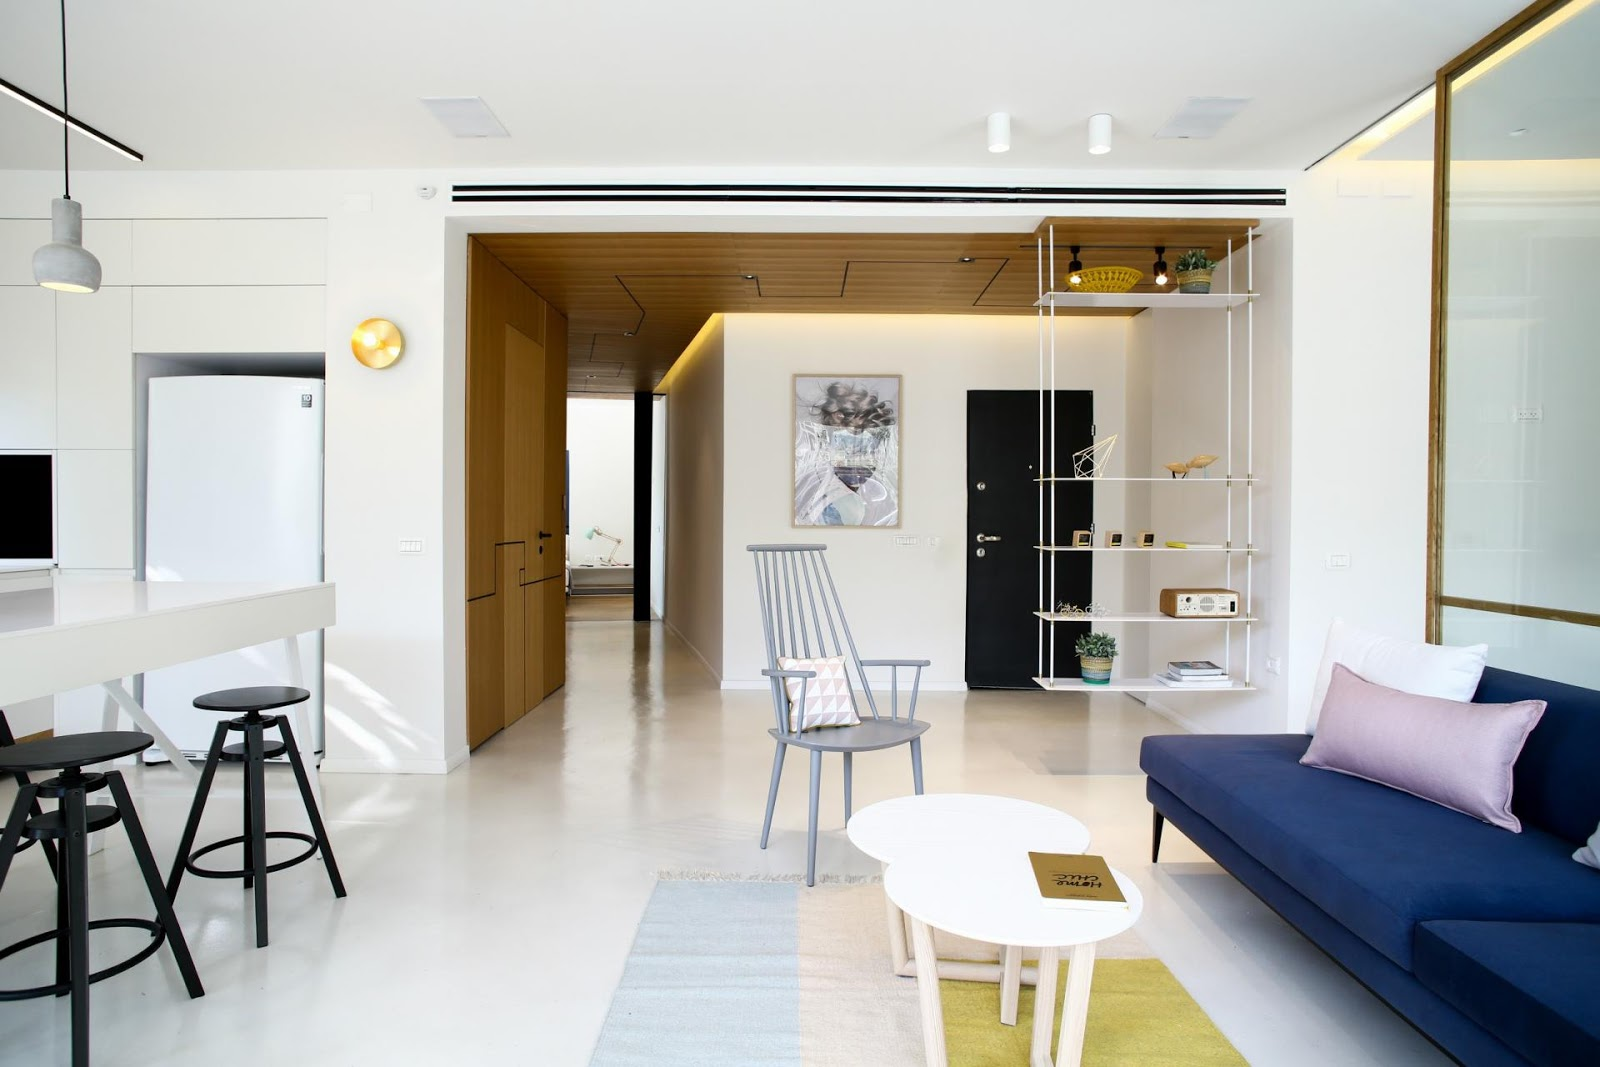 Appartamento di 110mq a tel aviv by dori interior design for Appartamento interior design